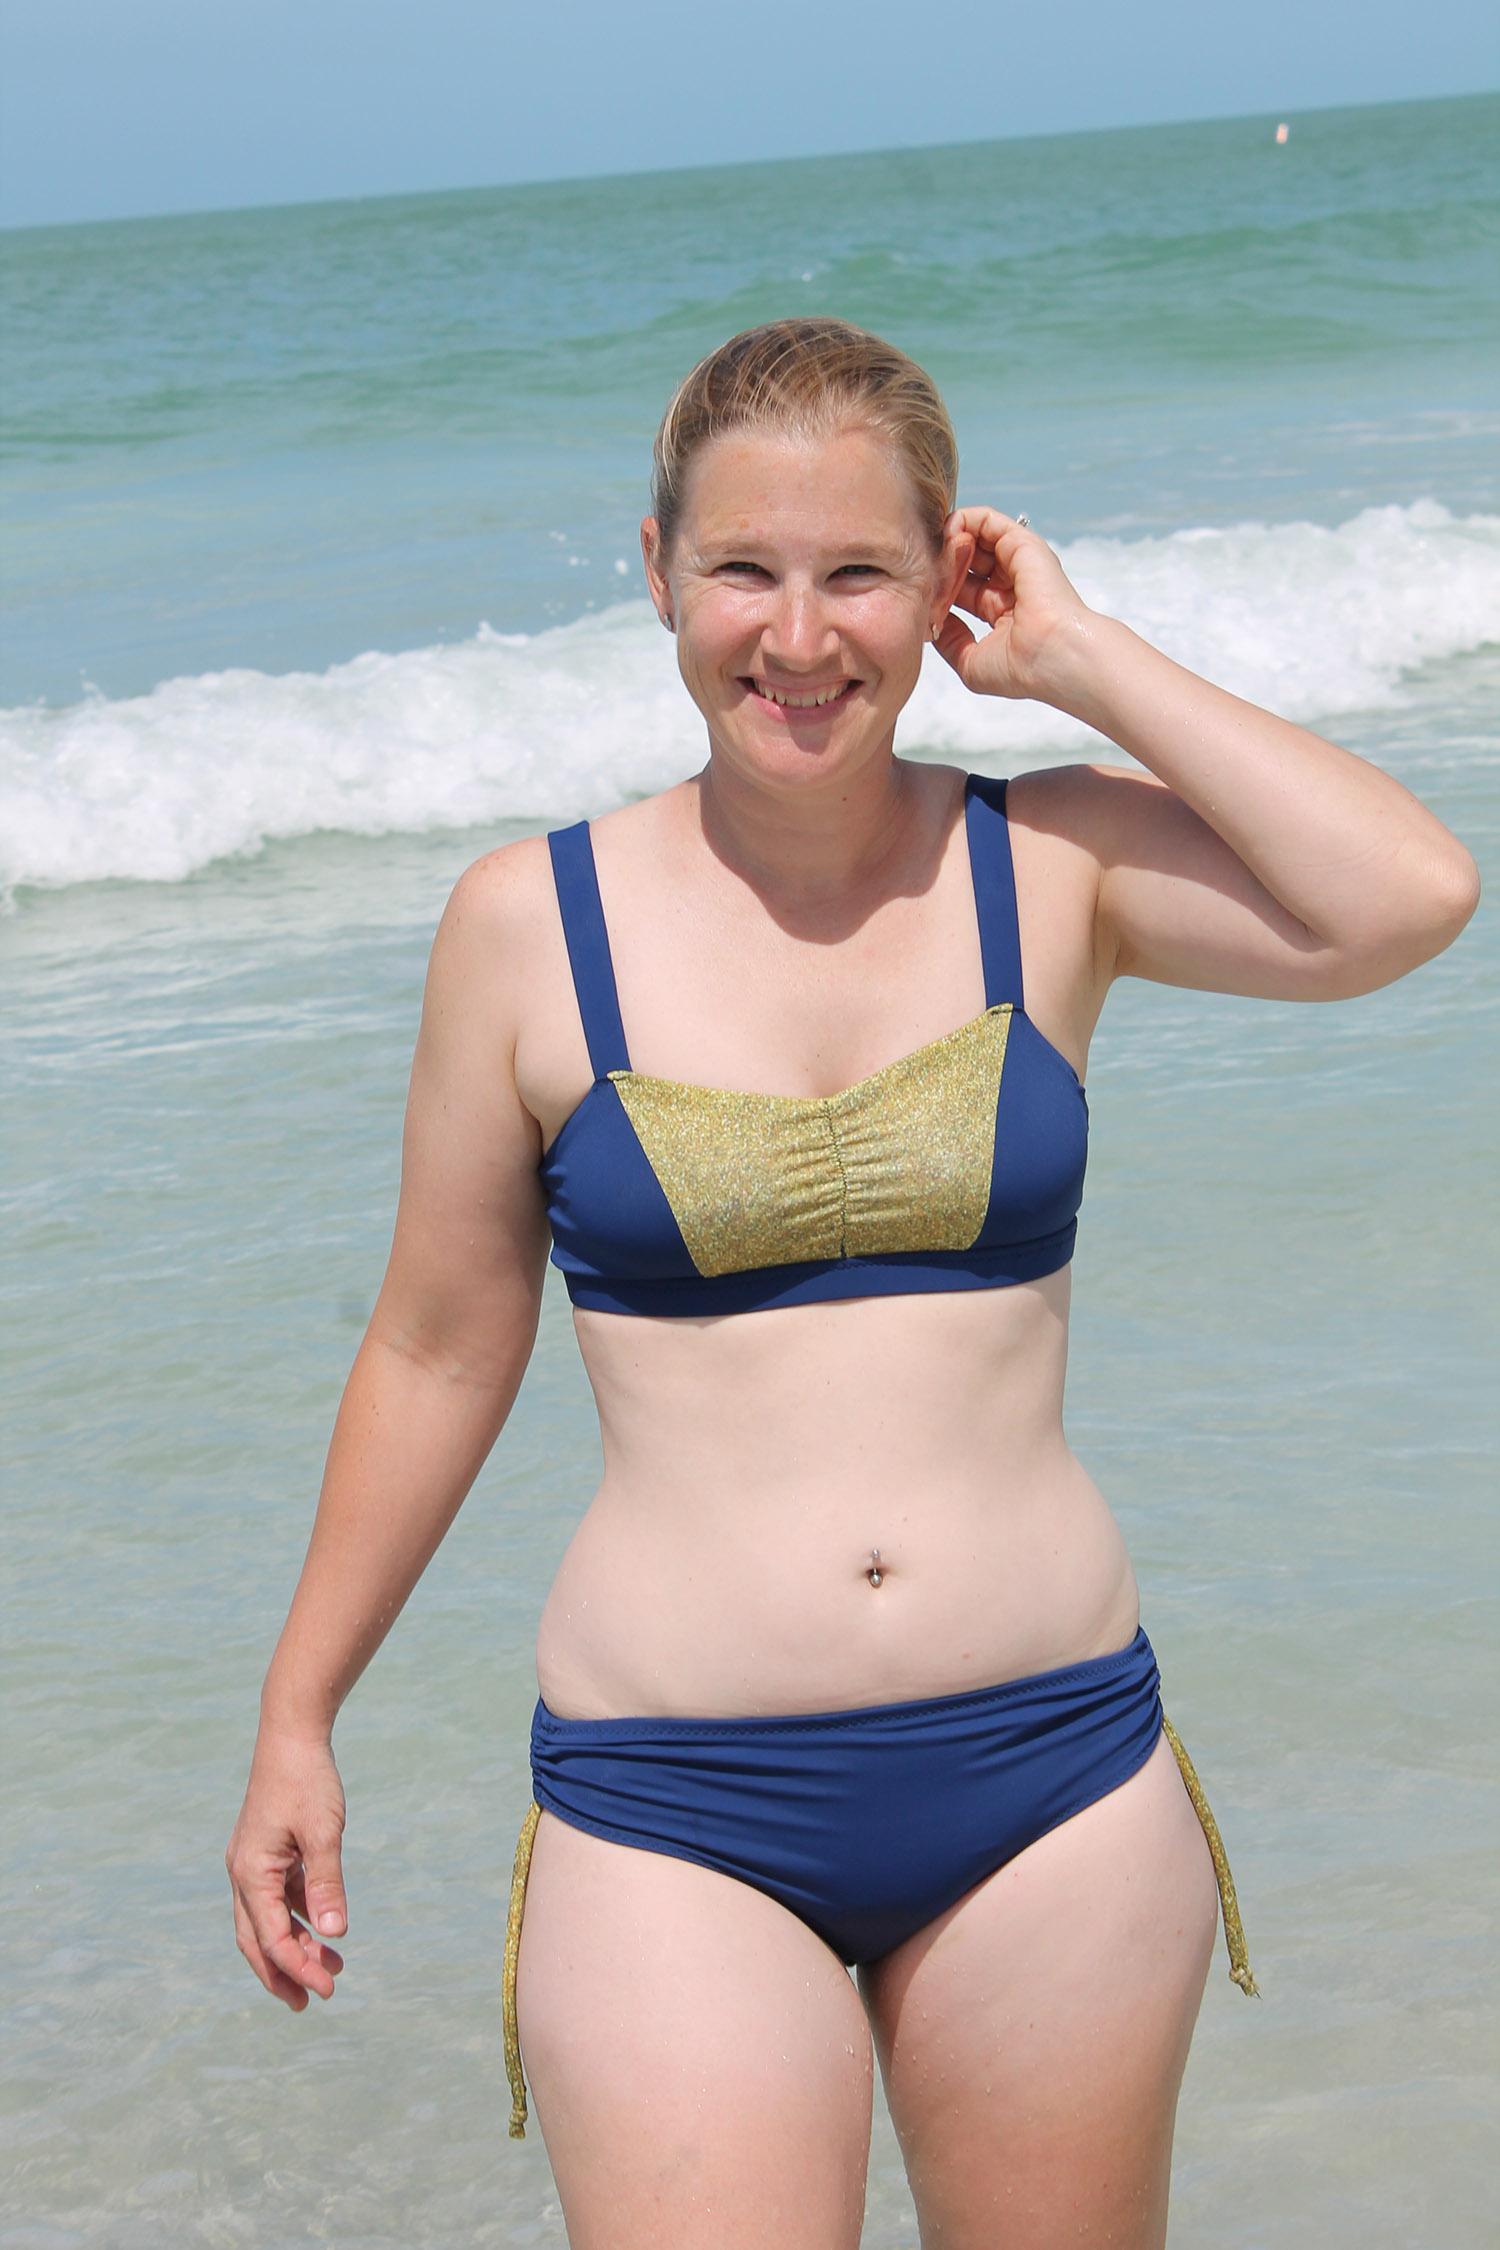 Super tight bikini